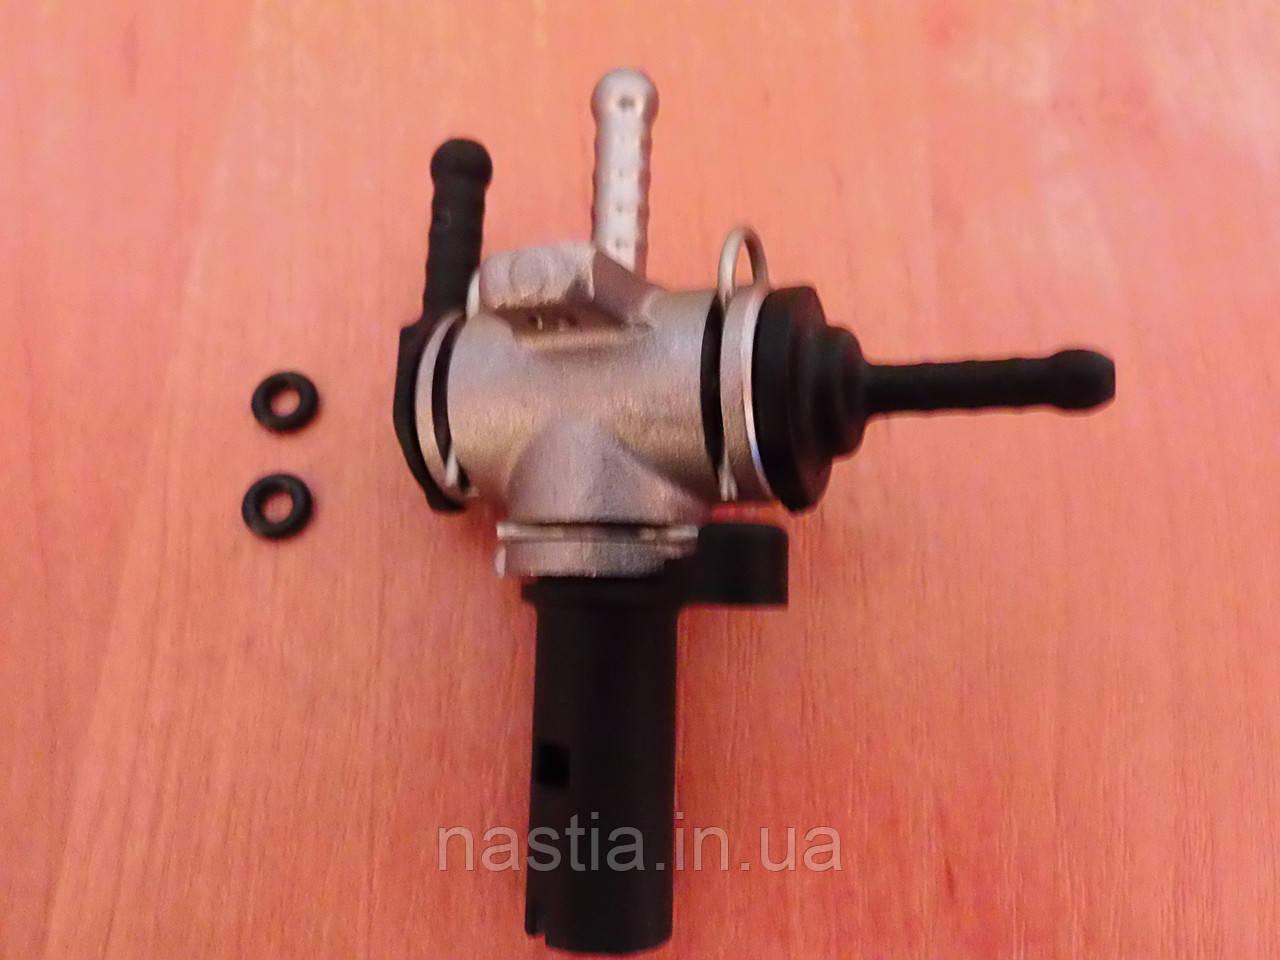 12001614 Гумовий ущільнювач(на кран гарячої води Odea, мала), OR 2012, d=2,9х1,78mm